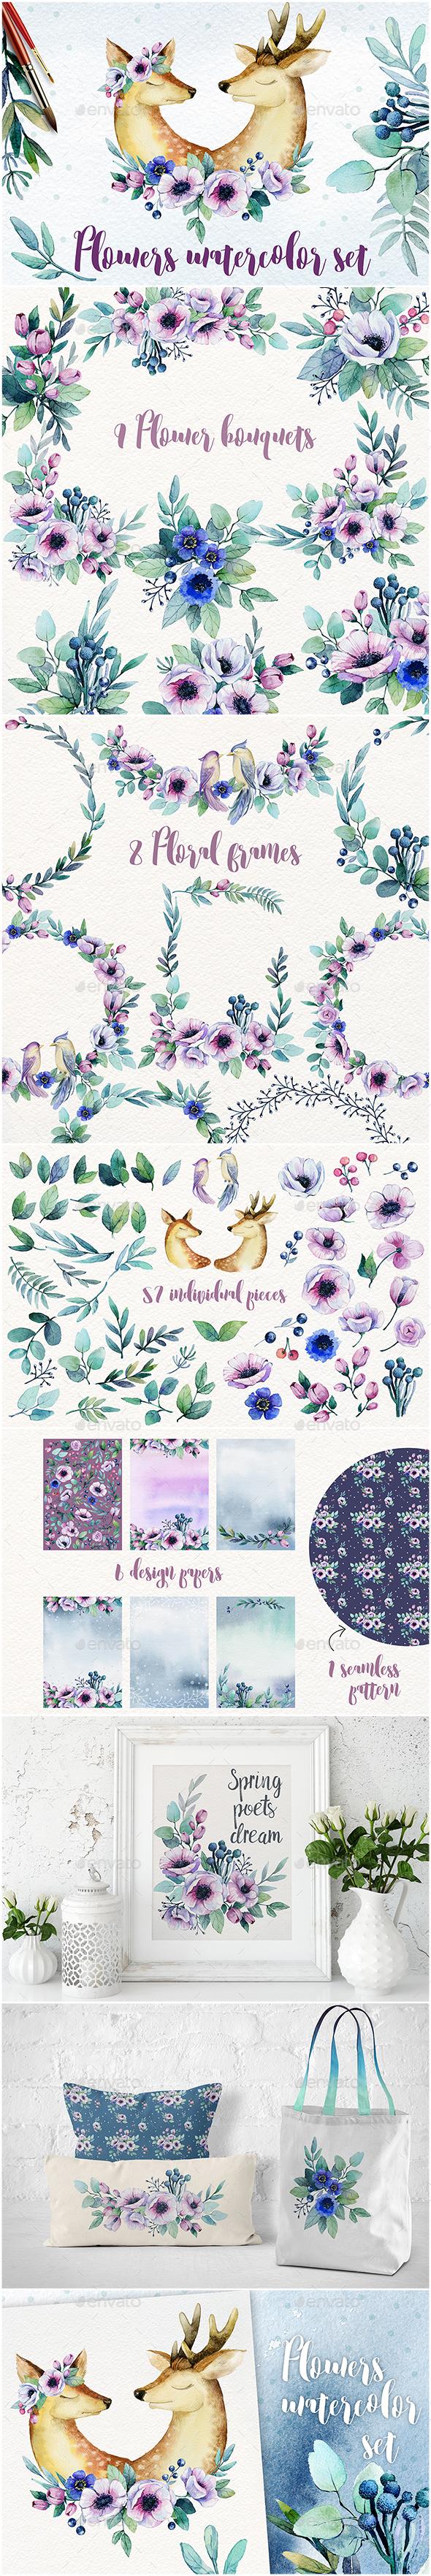 Flowers Watercolor Set - Decorative Graphics